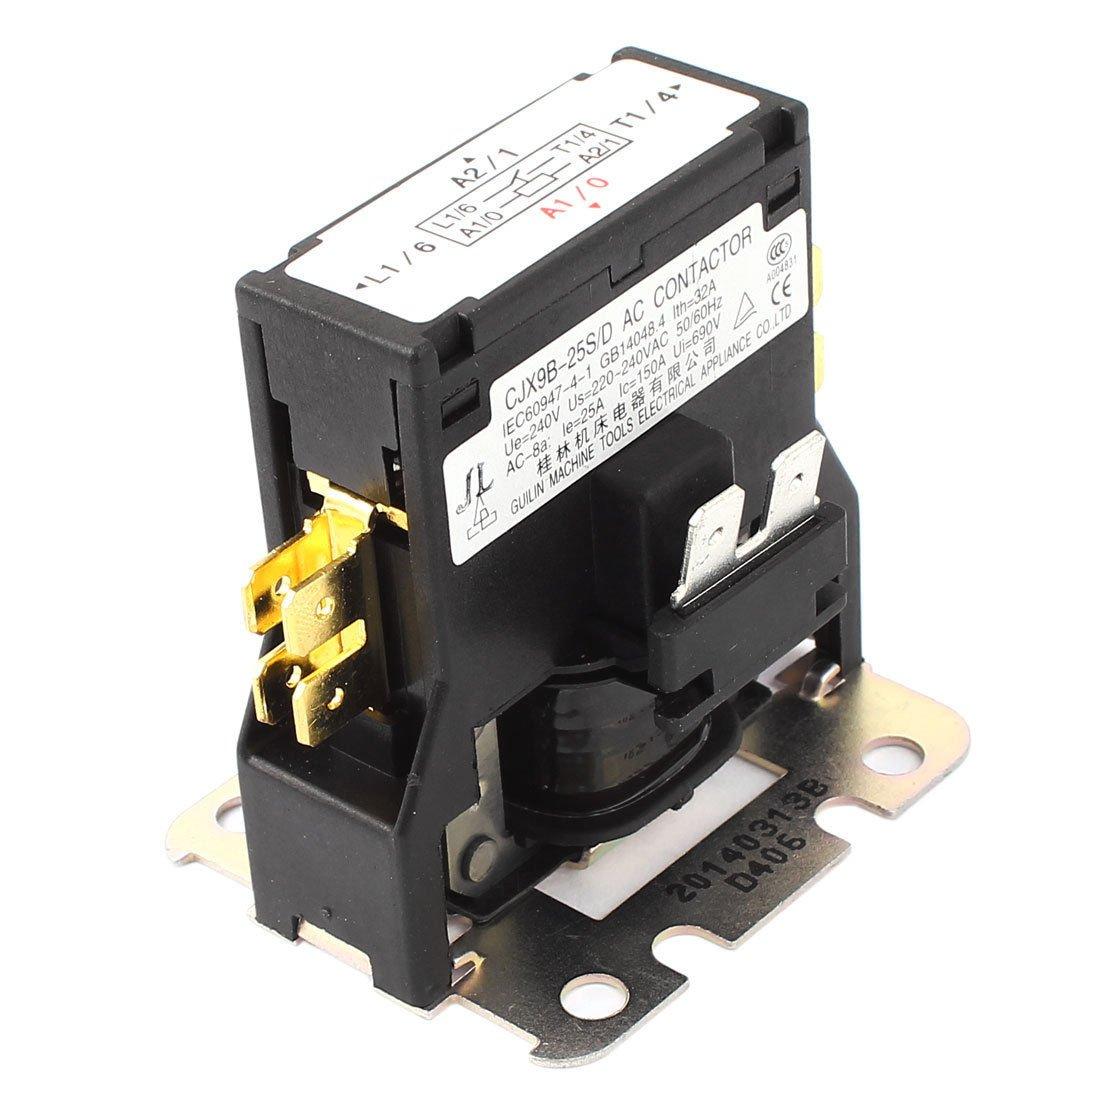 1PCS CJX9B-25S AC CONTACTOR Air Conditioner Coil Magnetic Contactor 220-380VAC